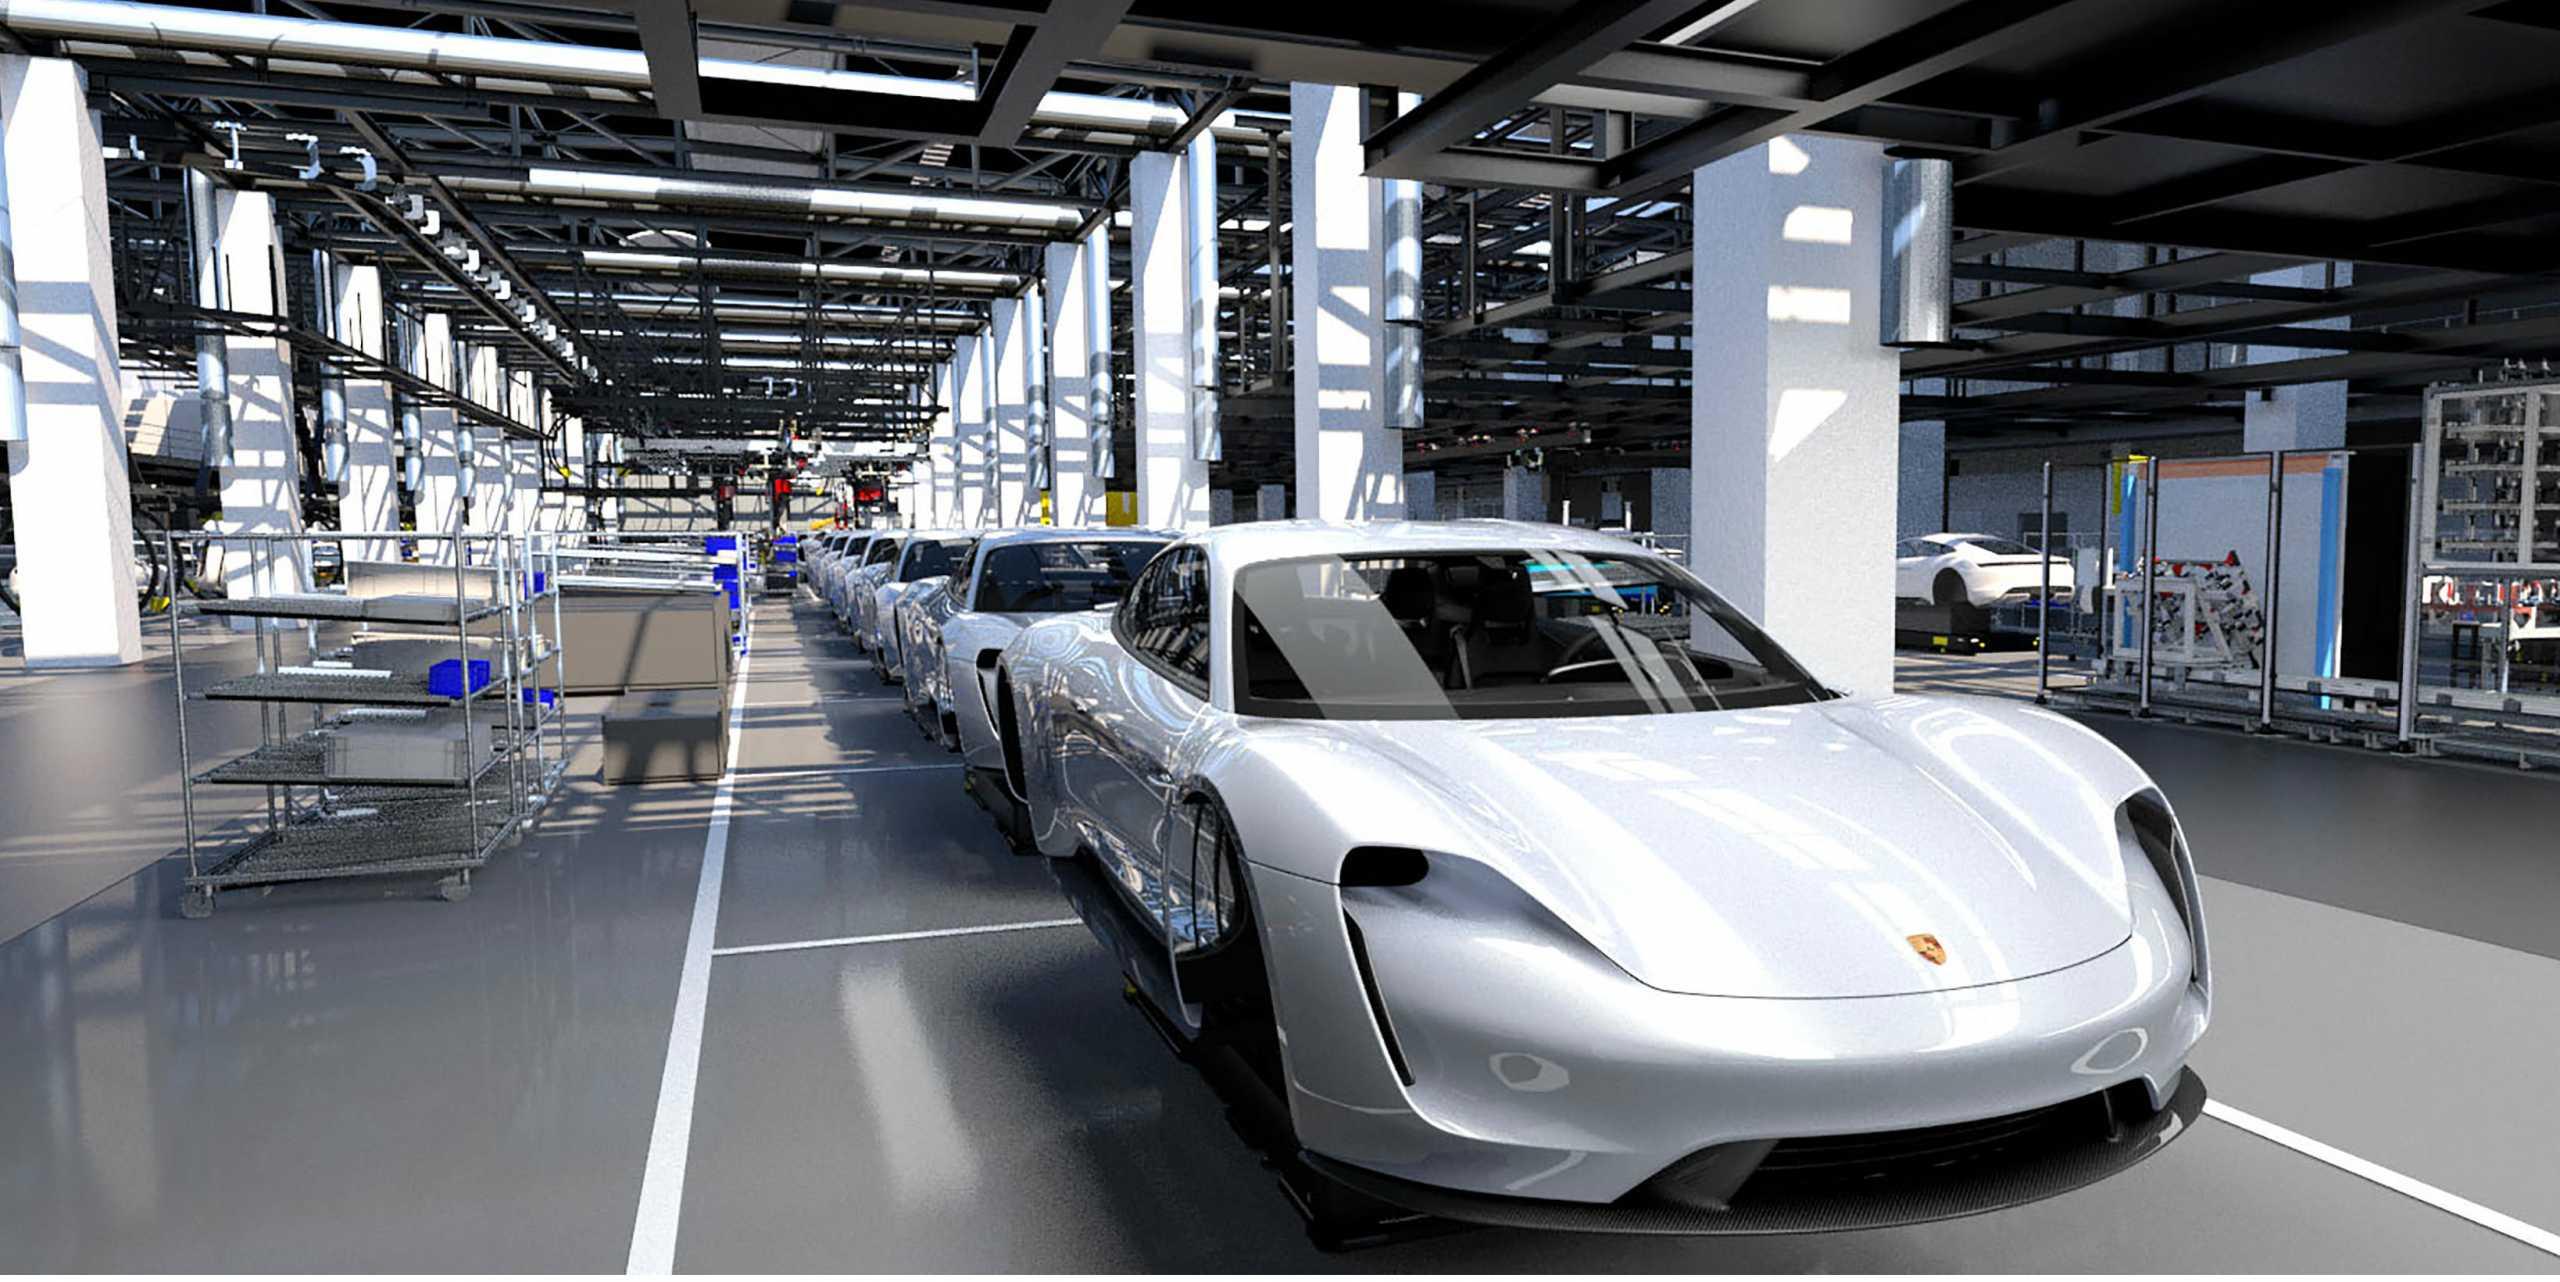 Οι πελάτες θέλουν τις Porsche… made in Germany και ακυρώνουν τα σχέδια για εργοστάσιο στη Κίνα!